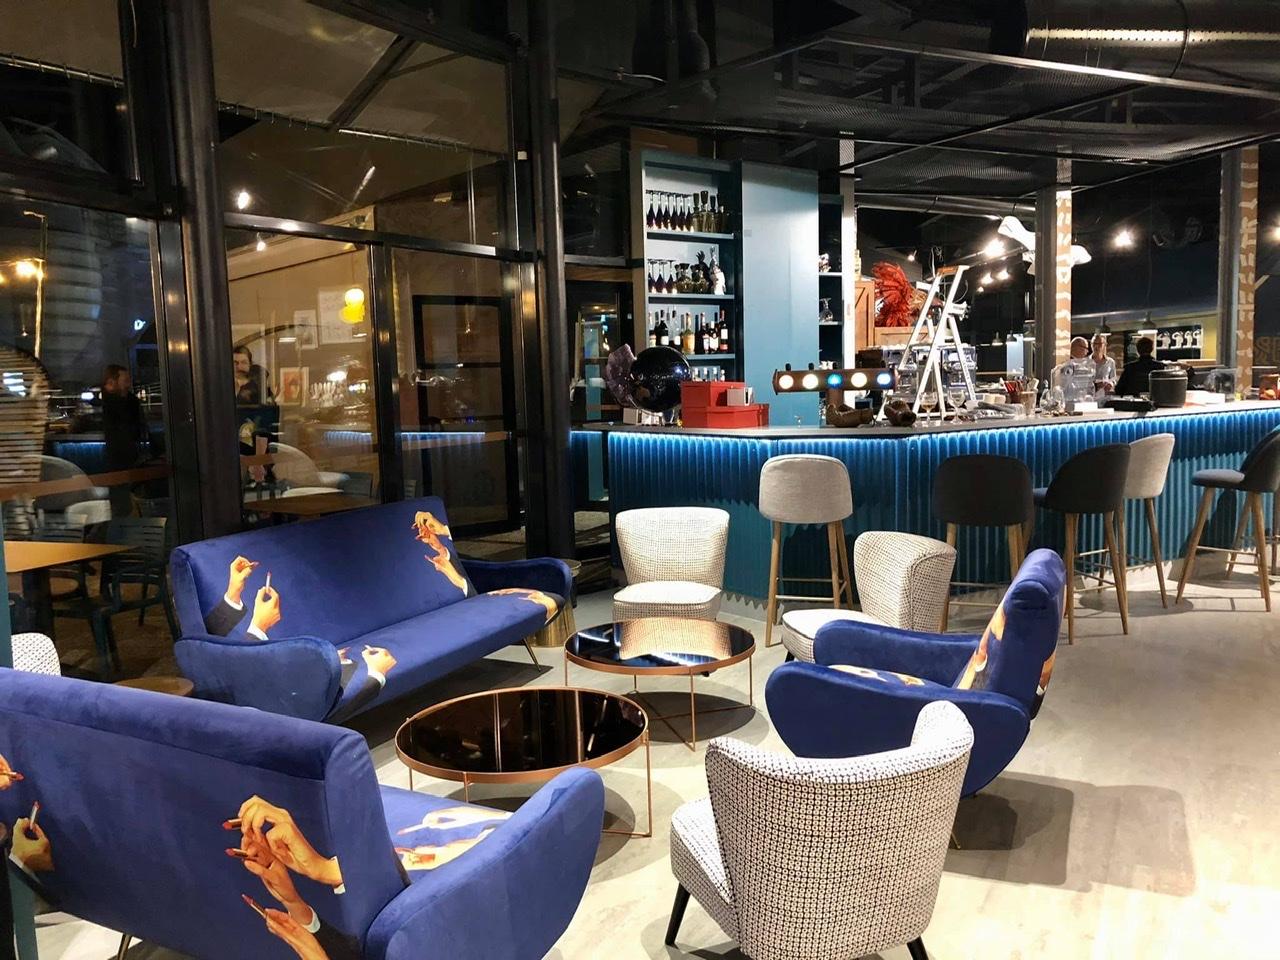 atelier - [Restaurant] L'Atelier des Saveurs · 2020 95-CF0125-F08-D-4-B43-9-C05-A6-E8-AA432642